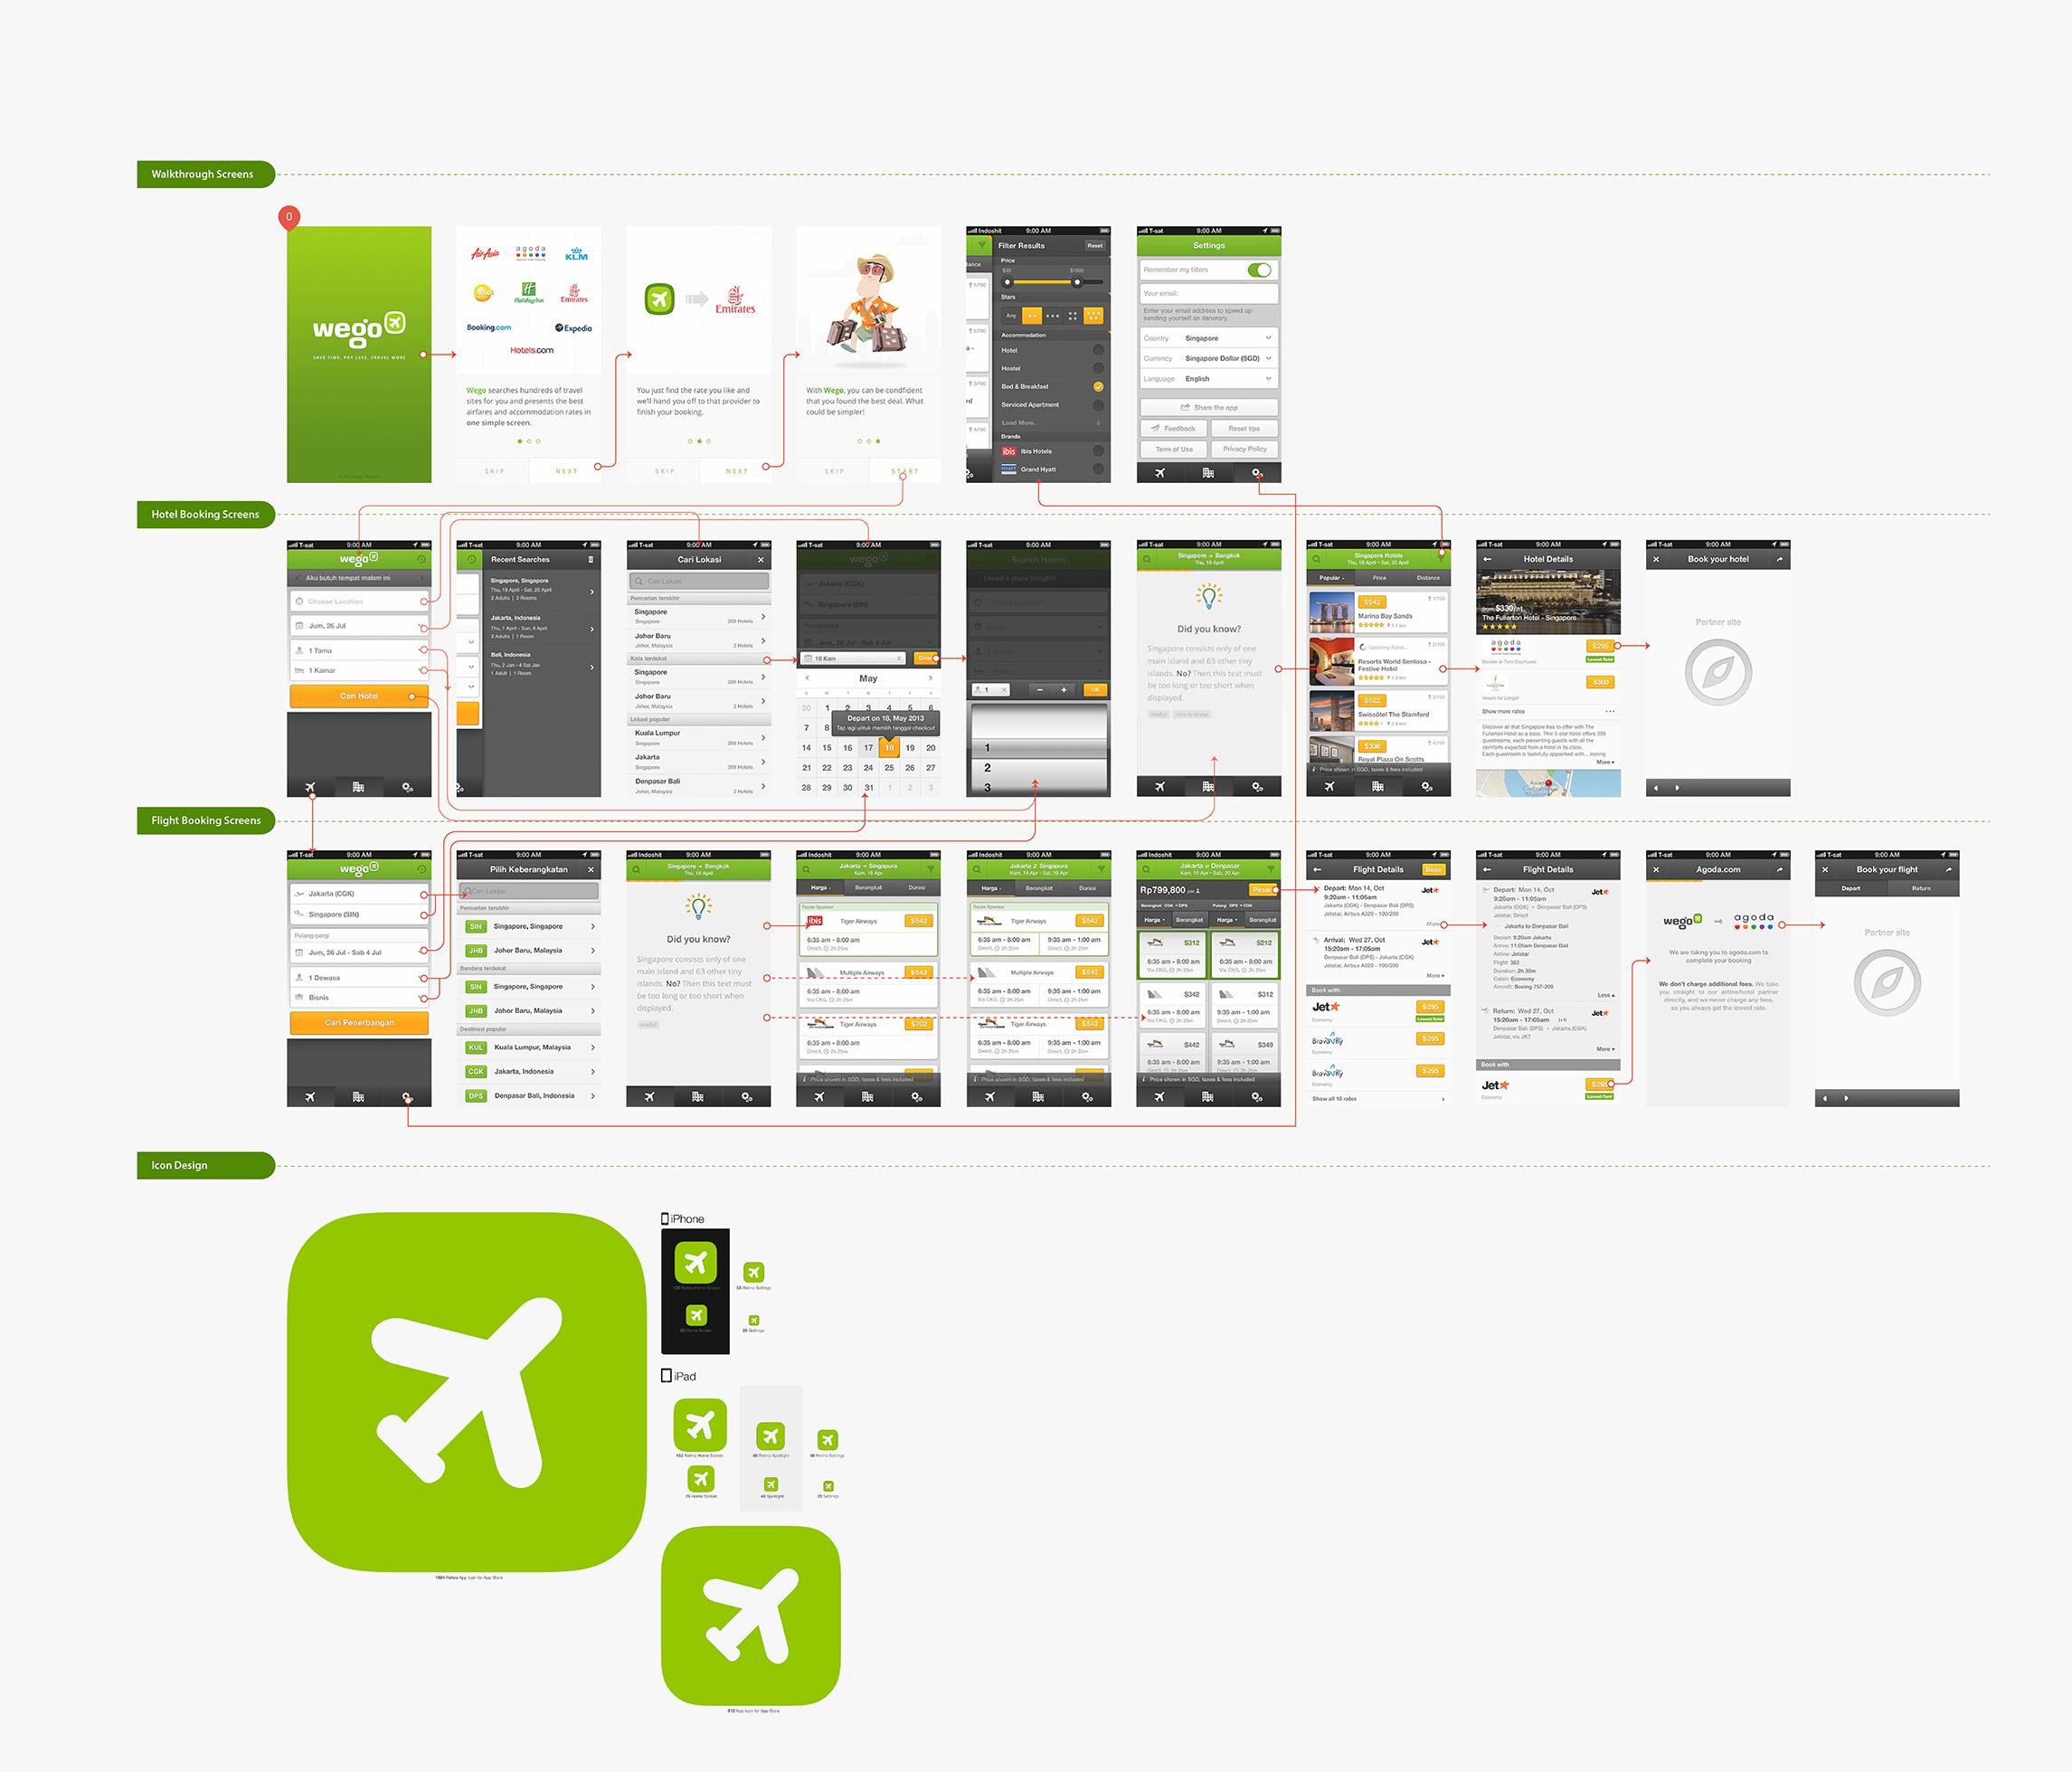 Wego-iPhone-app-flow.png